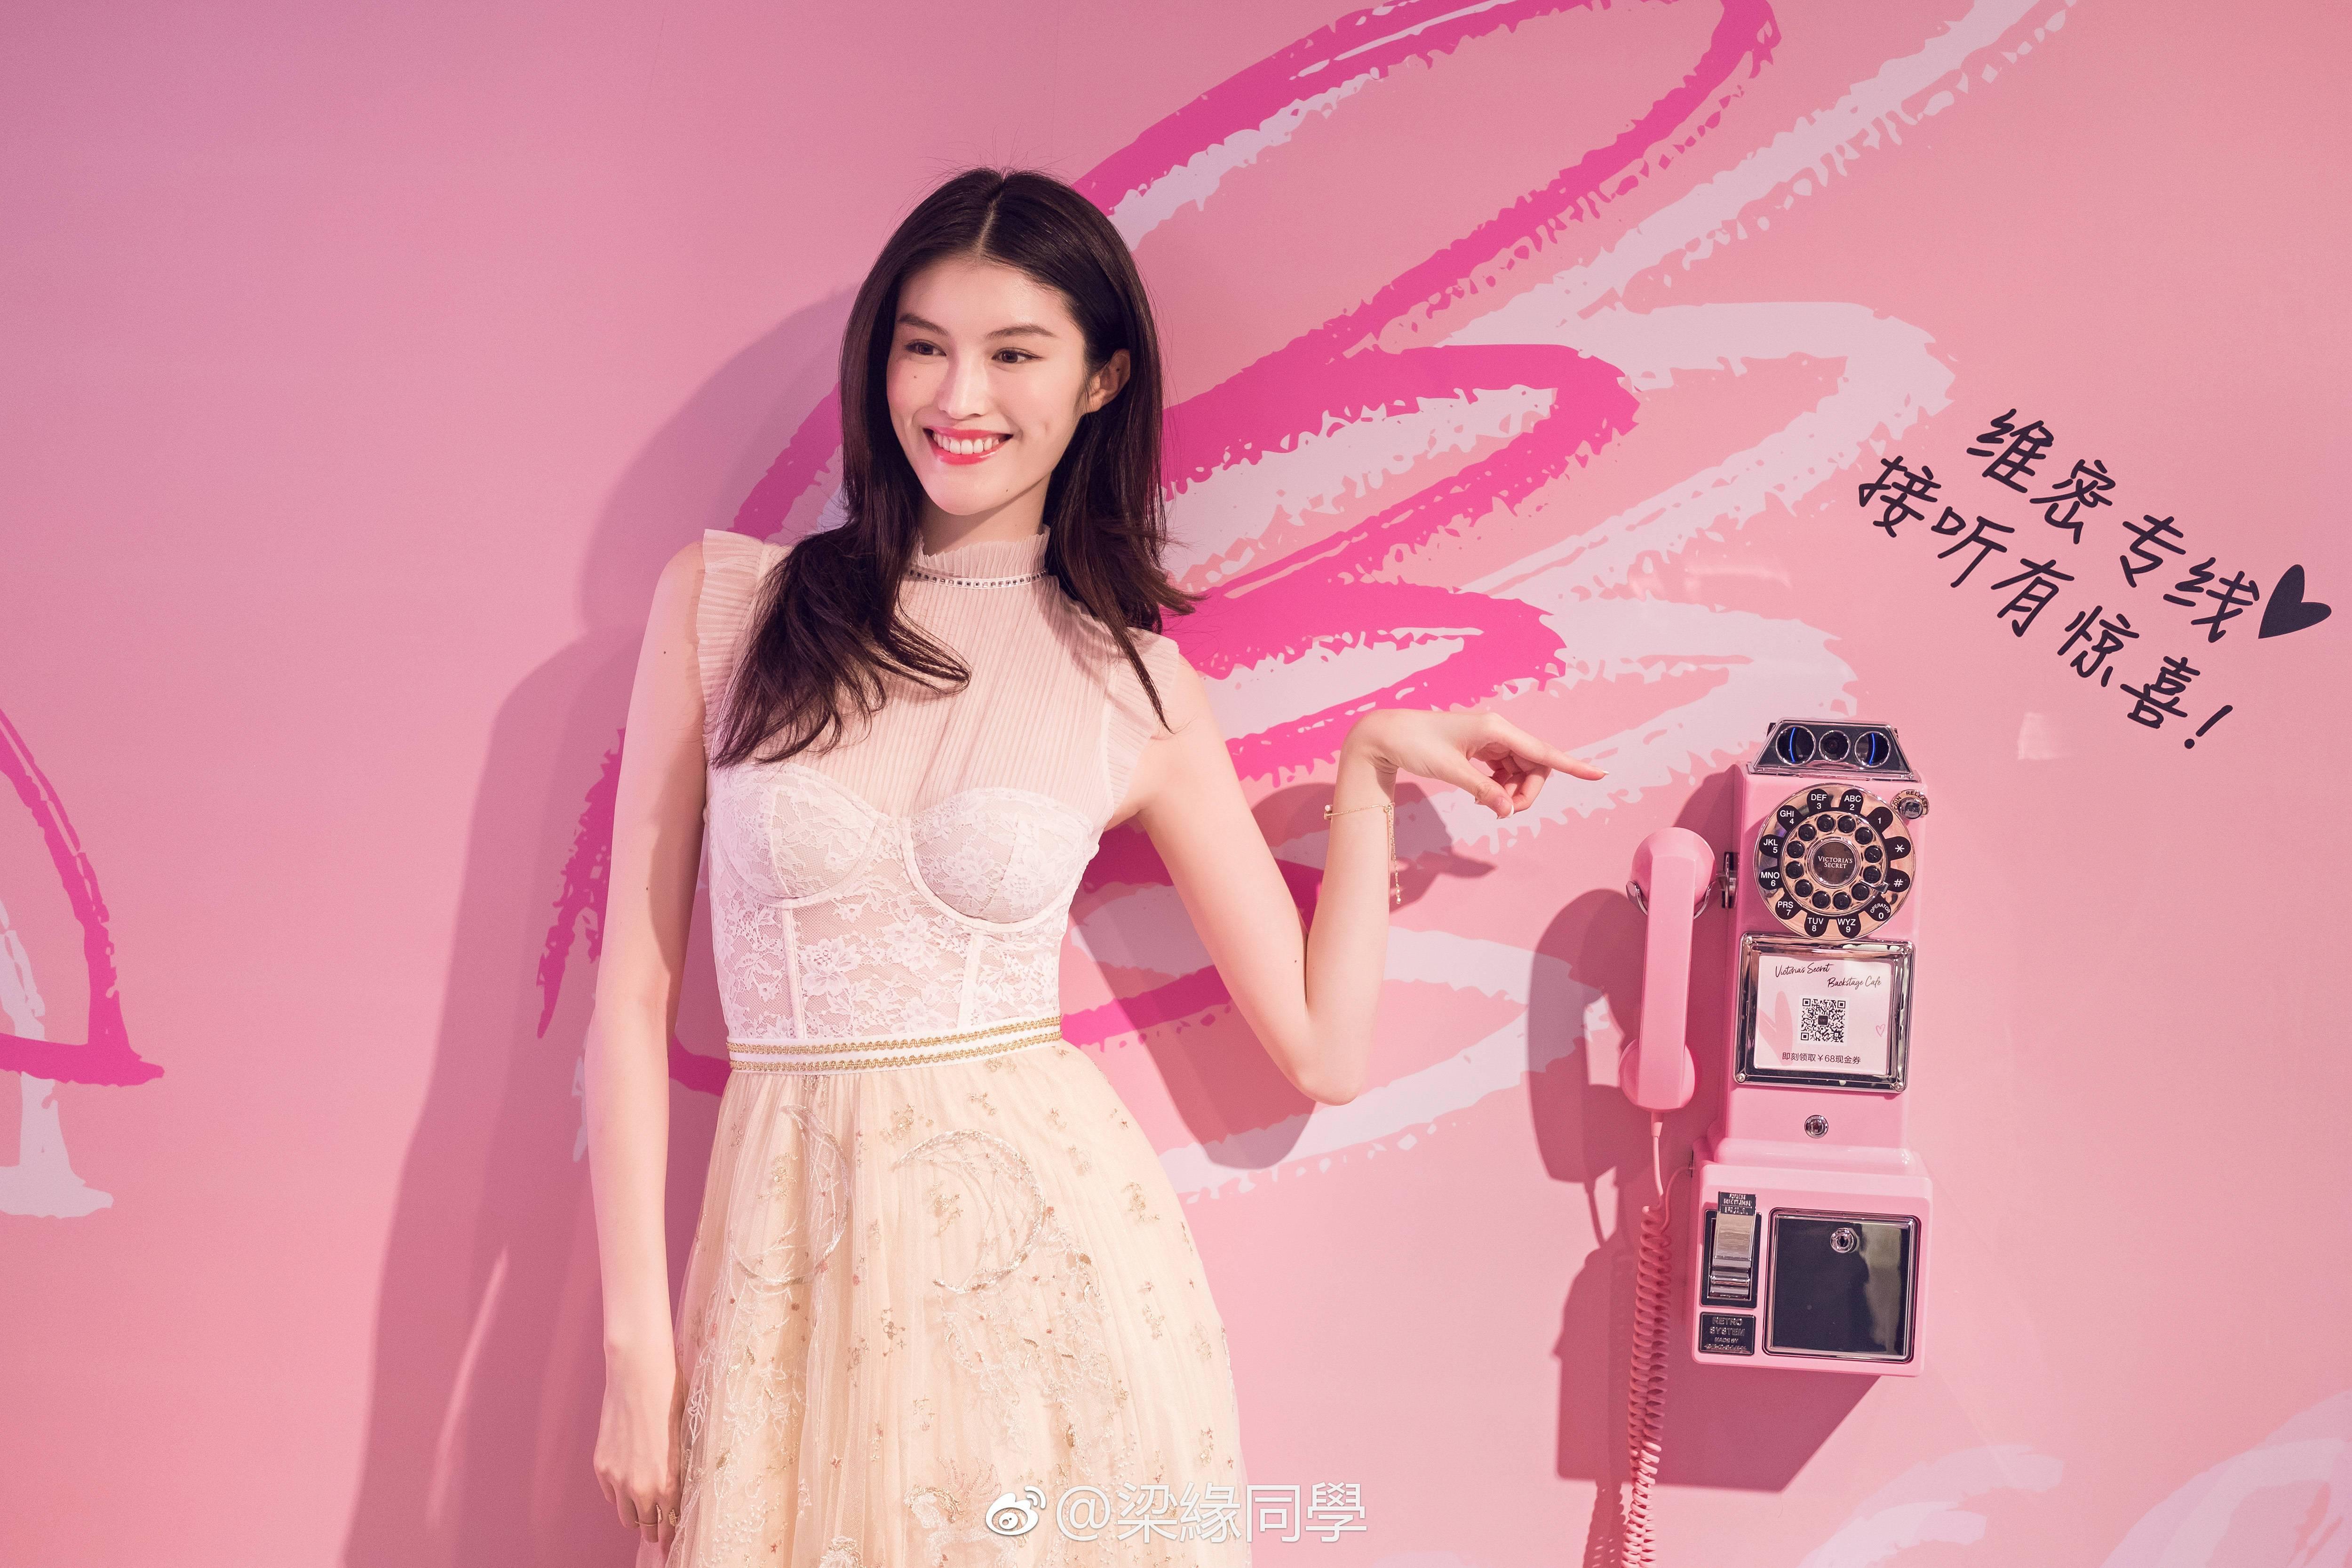 八月模特榜 | 这个时尚圈最忙碌的季节,刘雯、何穗、雎晓雯都变成了劳模